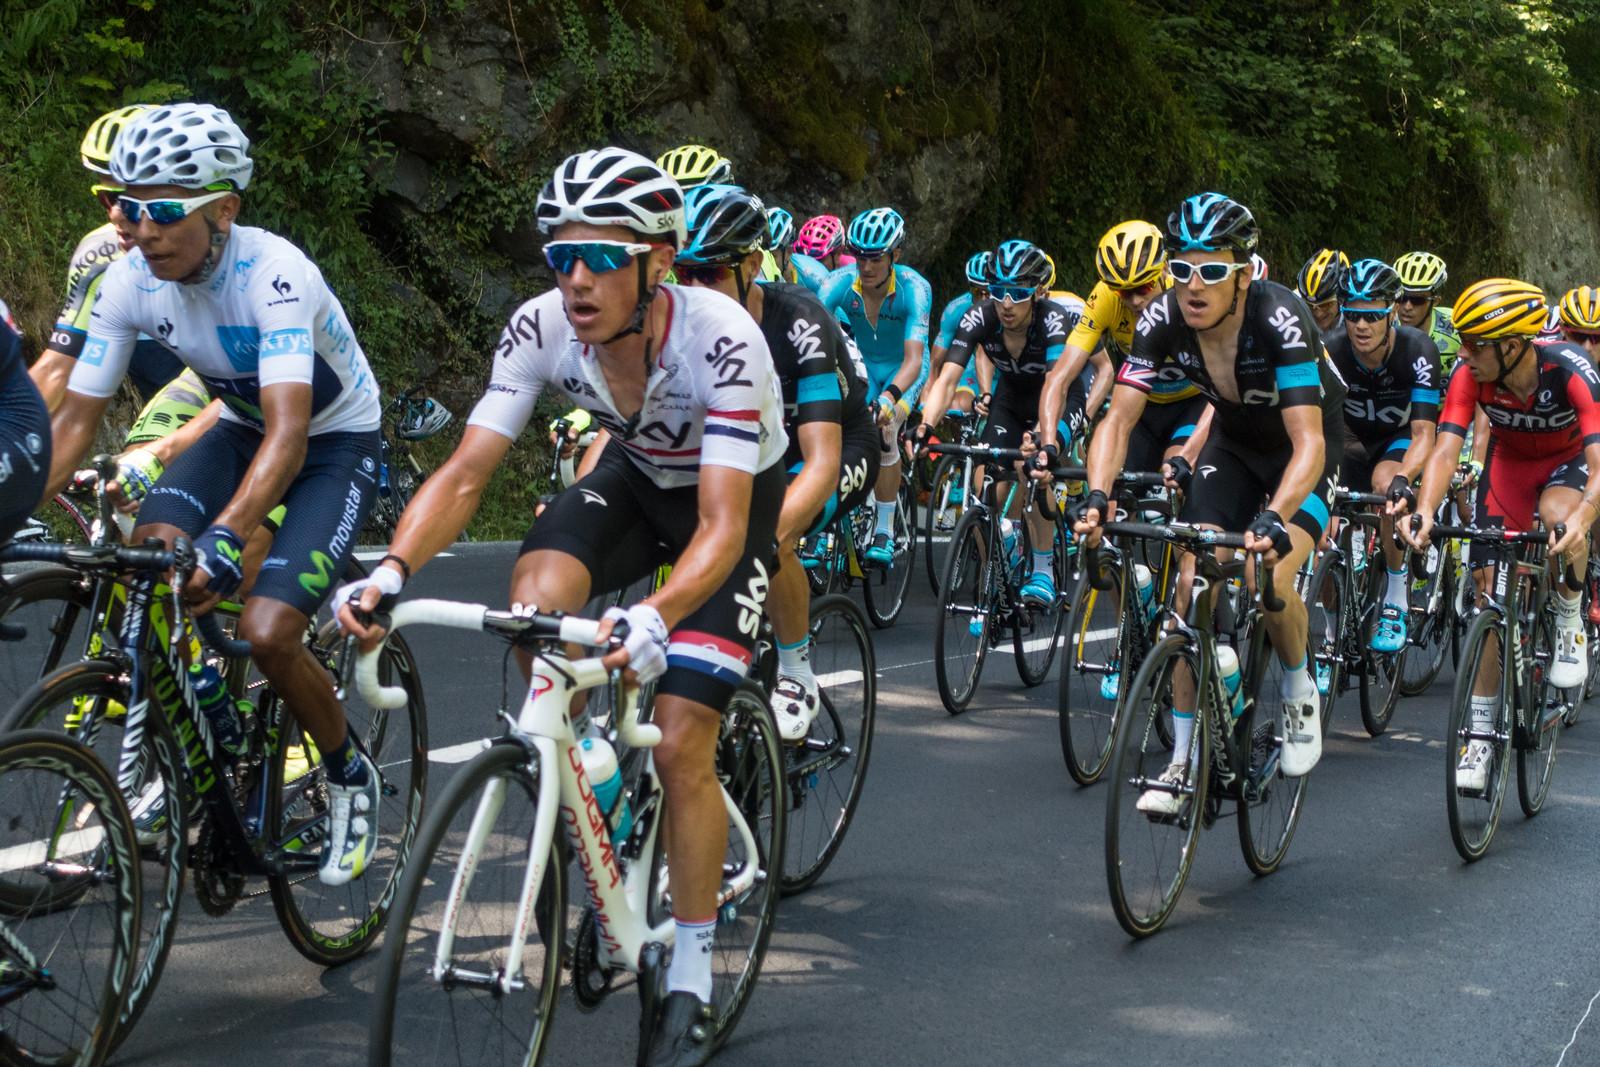 Tour de France 2015 - Stage 10-14